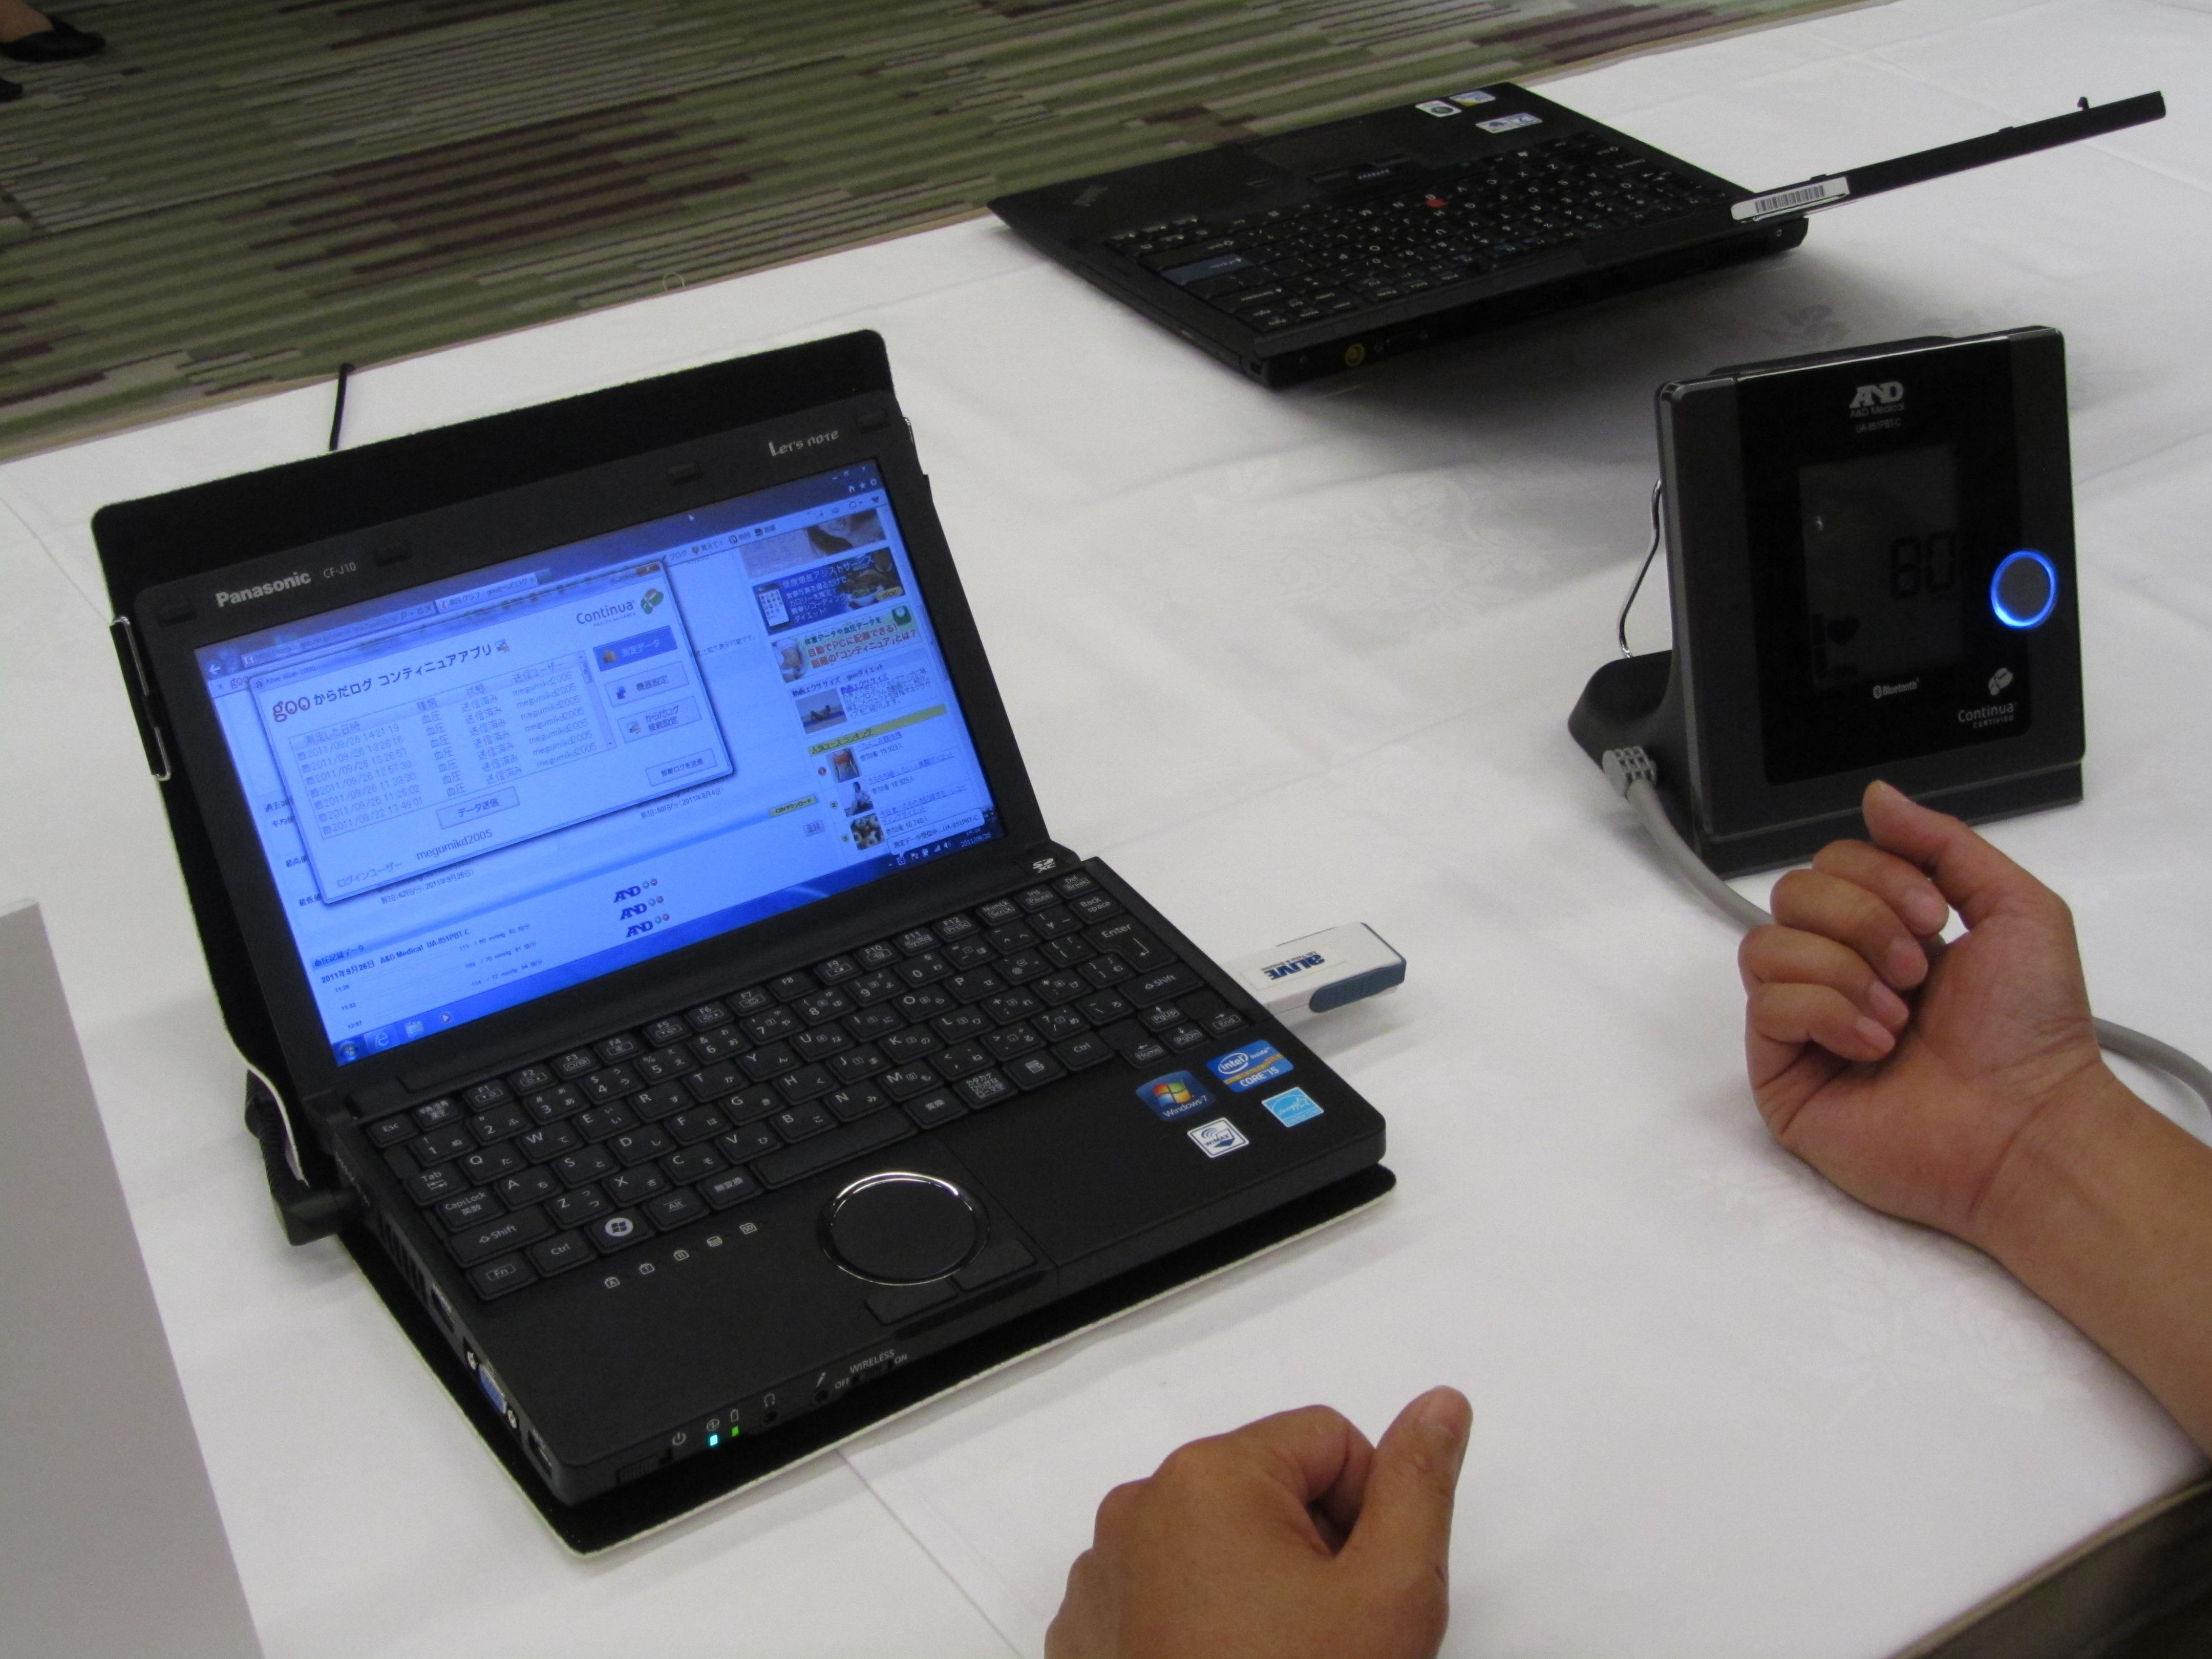 PCヘルスケアへの取り組みとしての第1弾として、コンシューマが購入可能なレベルの、PCと連動可能な血圧計